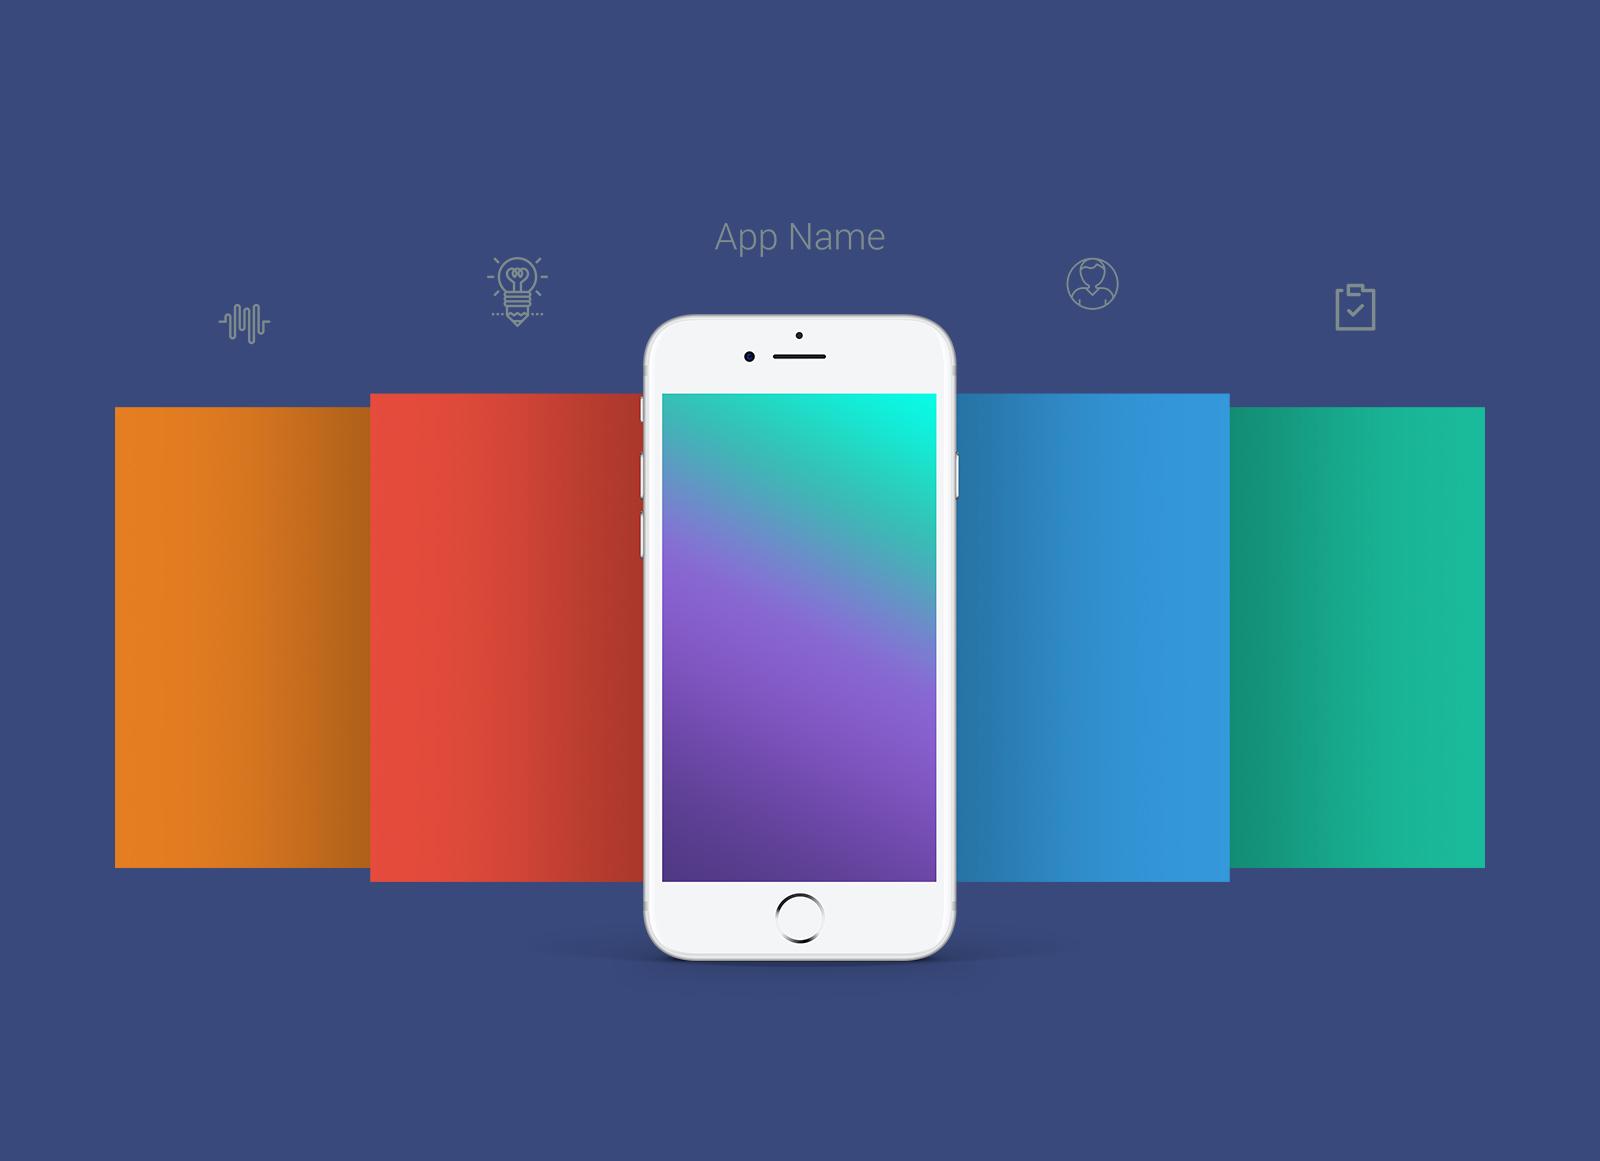 Free-Premium-iPhone-7-App-Screen-Mockup-PSD-file